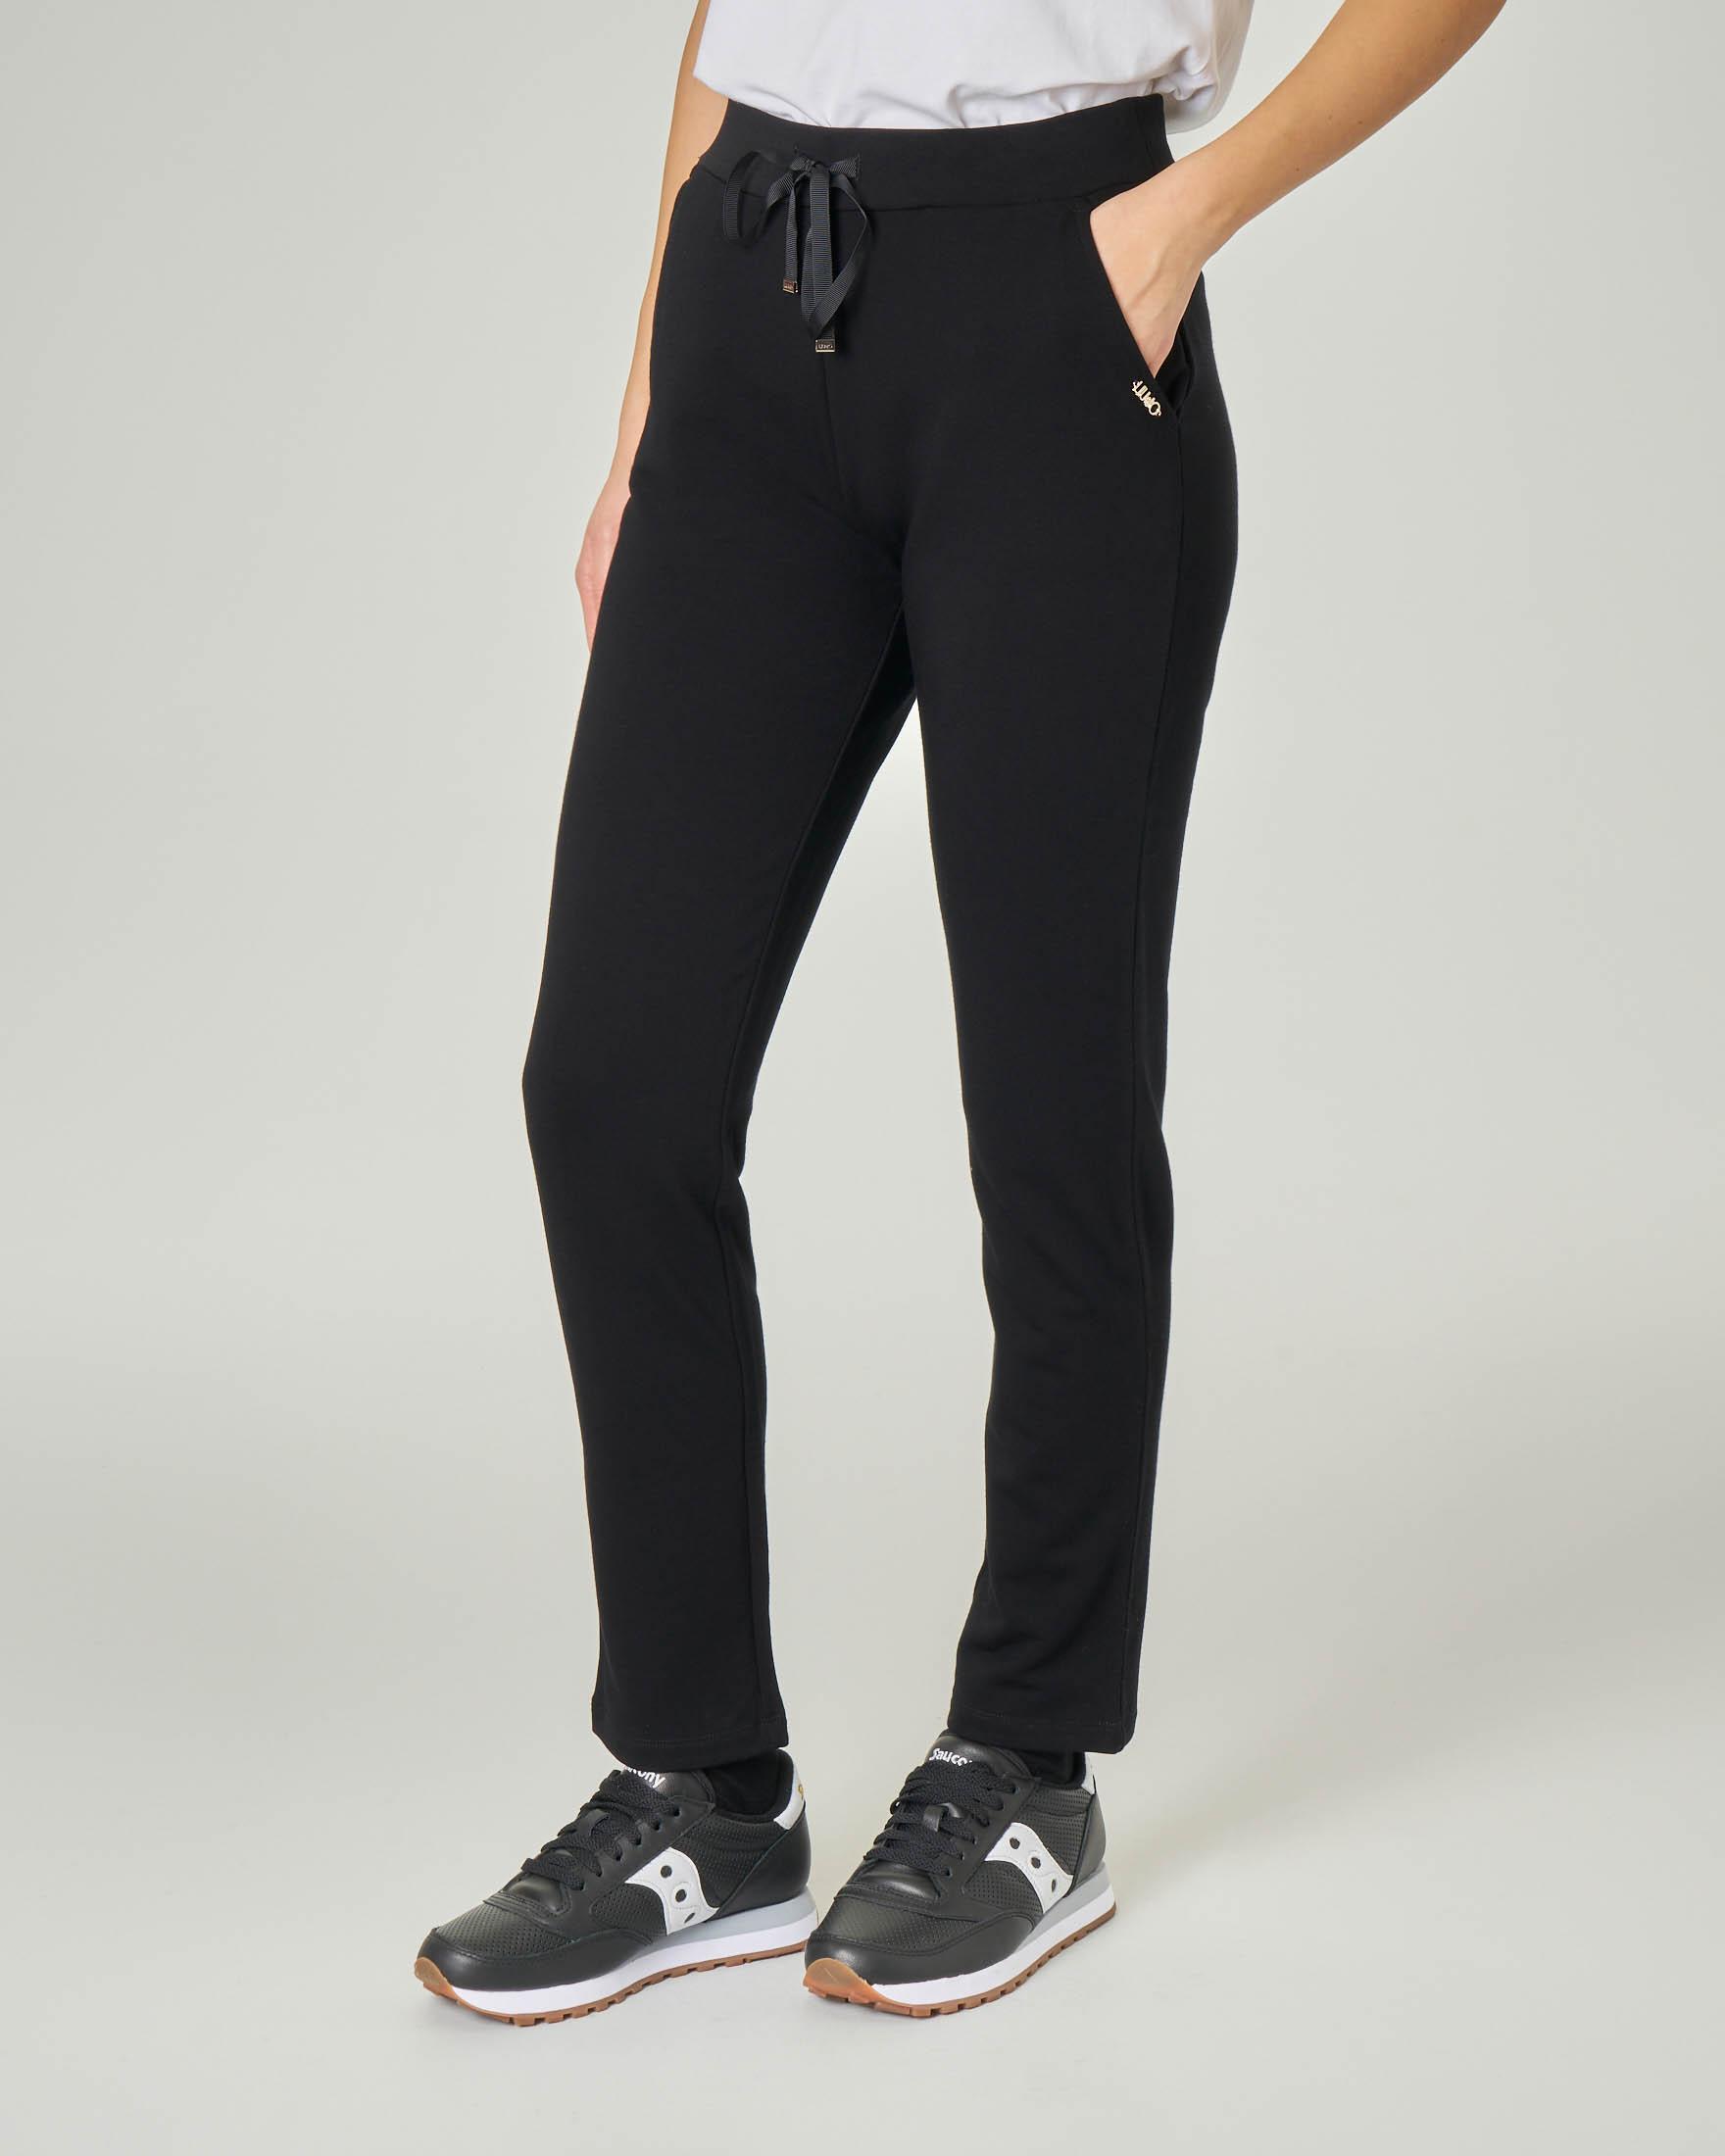 Pantaloni neri in viscosa elasticizzata con elastico e coulisse inserti in vita